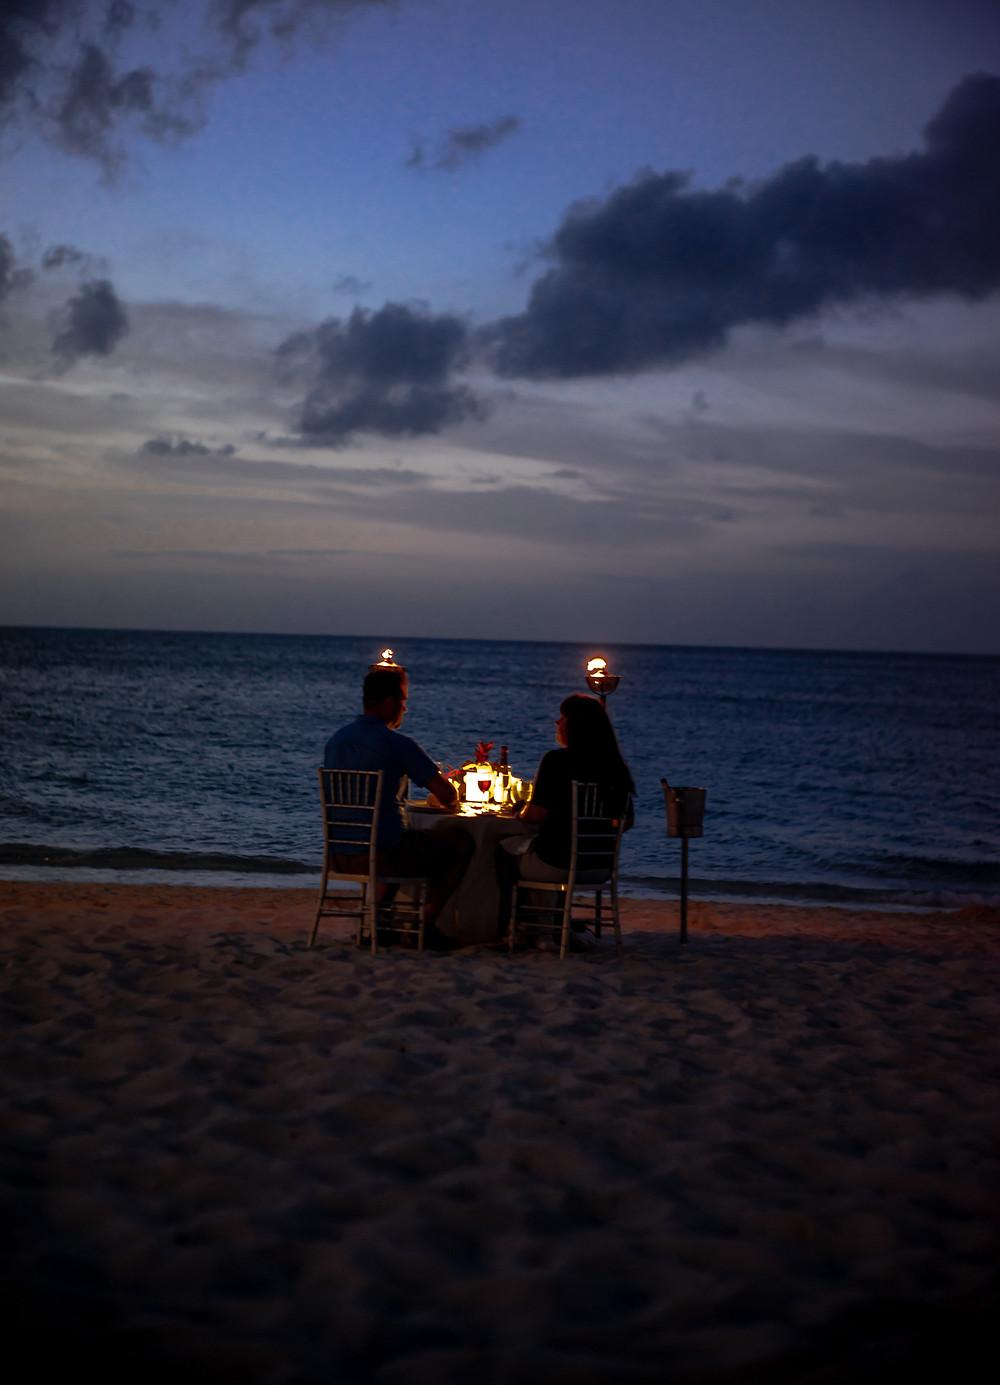 Candle Light Dinner eines Paares am Strand bei Kerzenschein